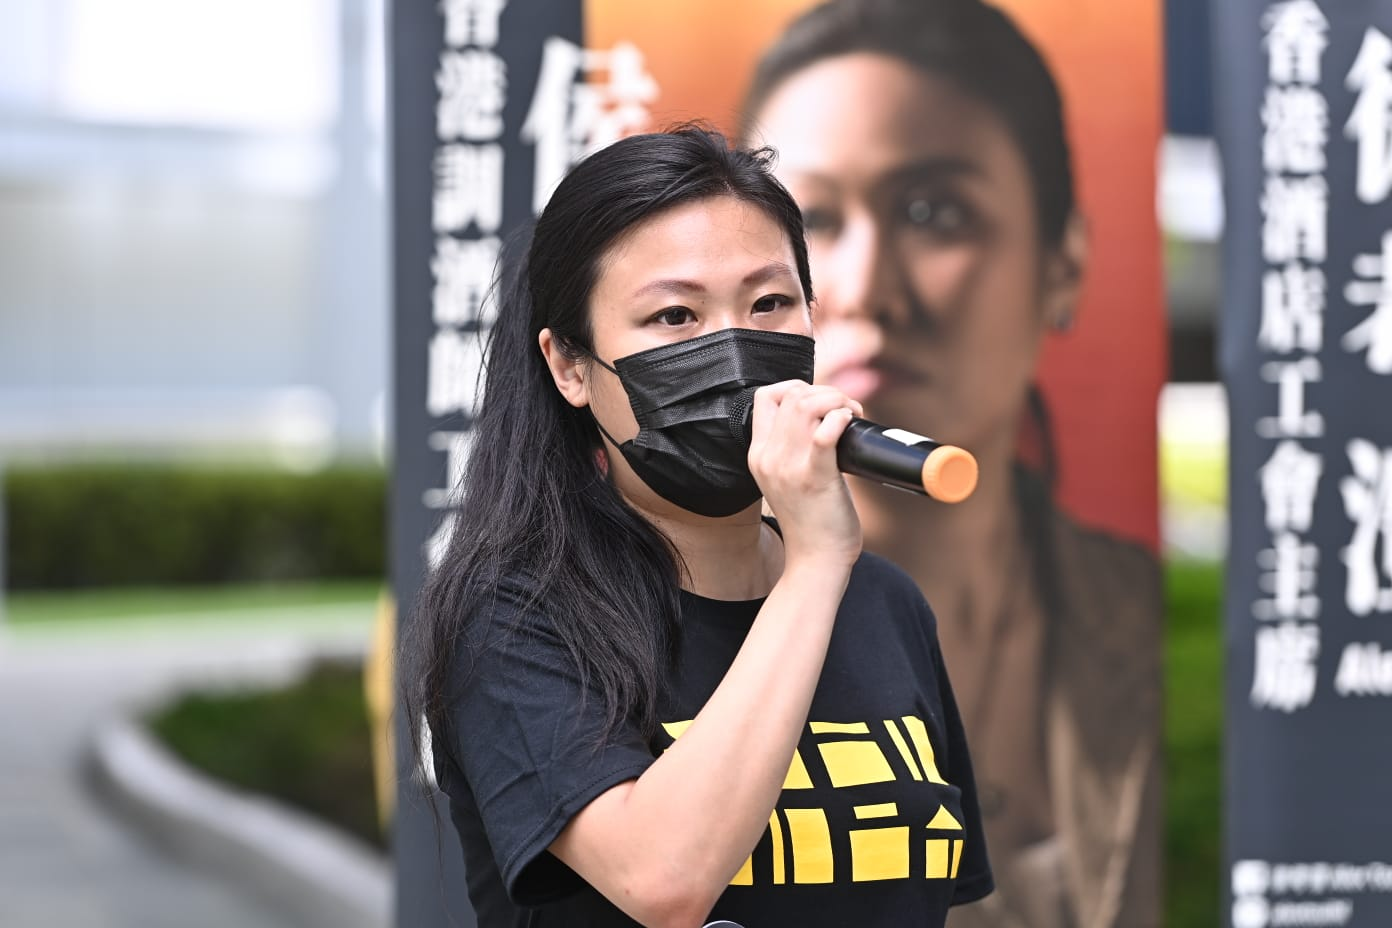 香港調酒師工會主席侯翠珊。(宋碧龍 / 大紀元)